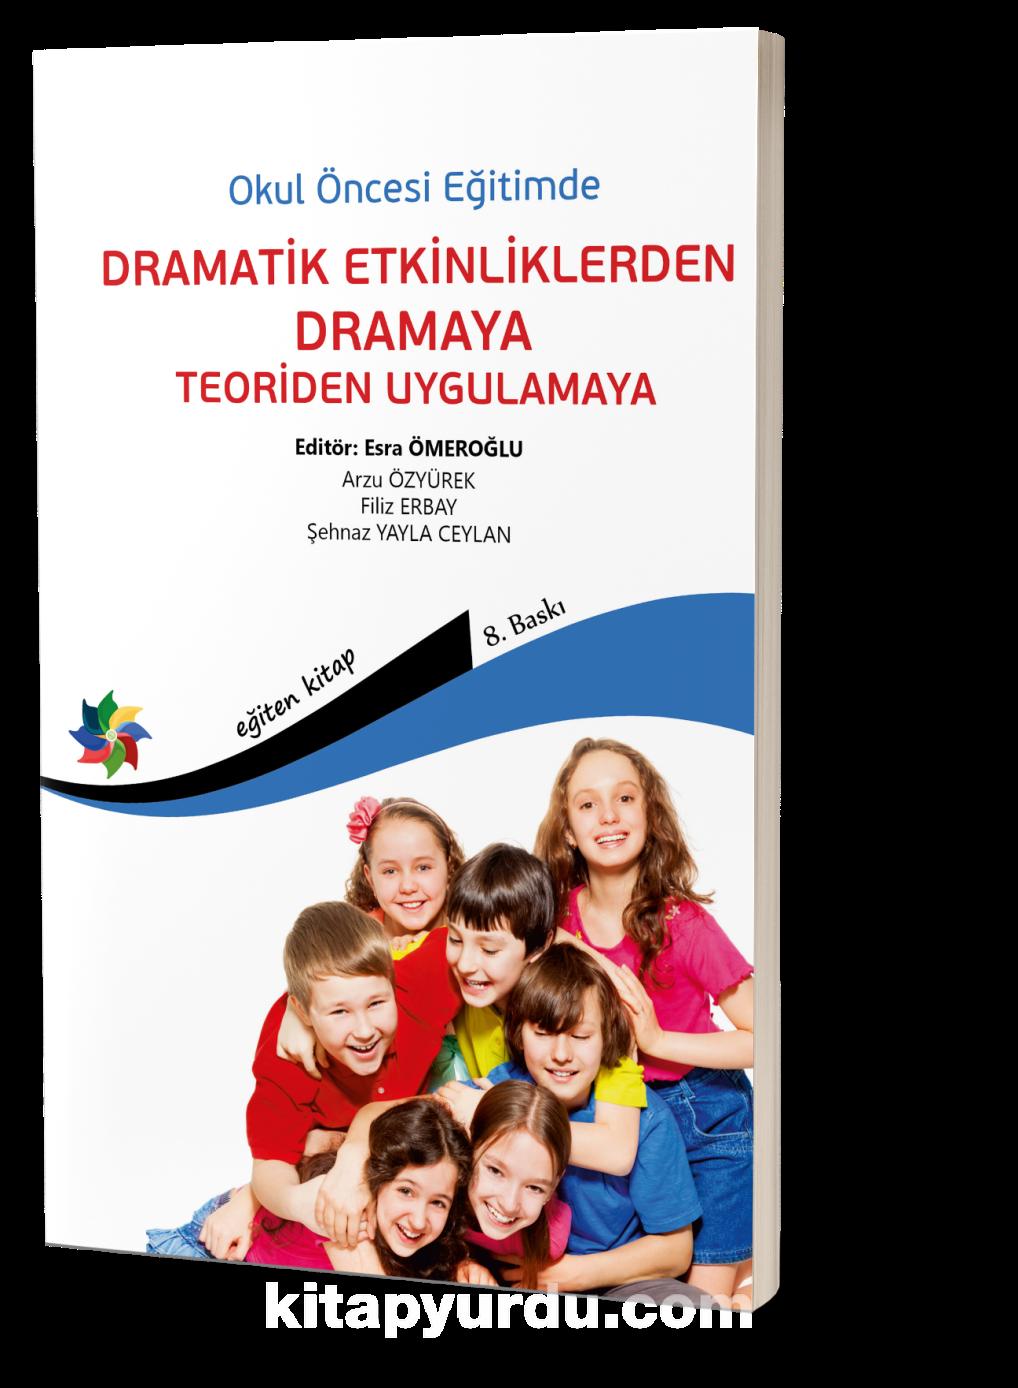 Okul Öncesi Eğitimde Dramatik Etkinliklerden Dramaya Teoriden Uygulamaya